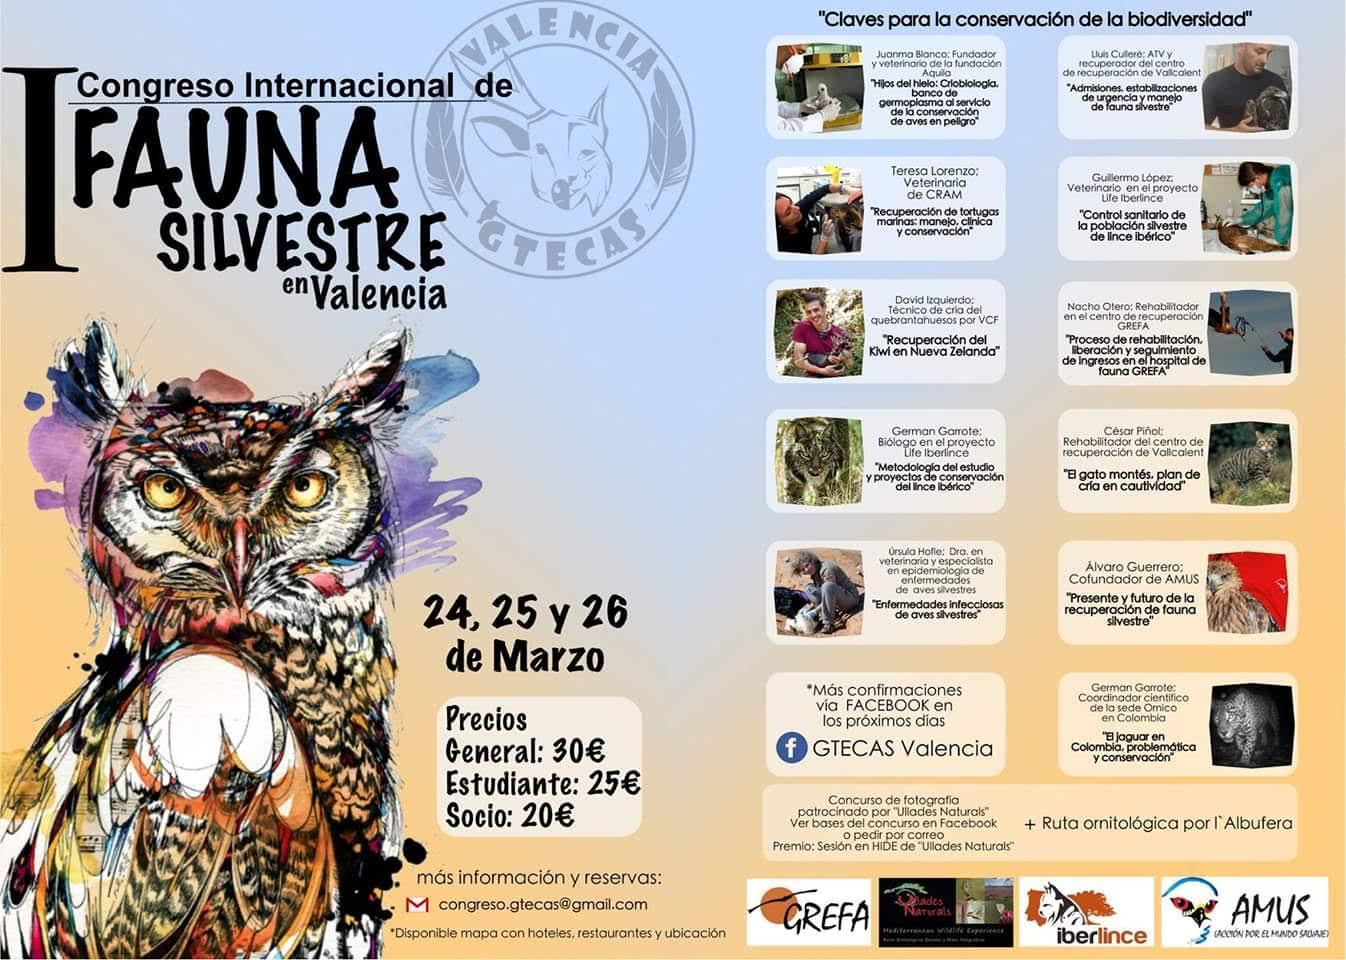 Congreso Internacional de Fauna Silvestre, con GTECAS Valencia